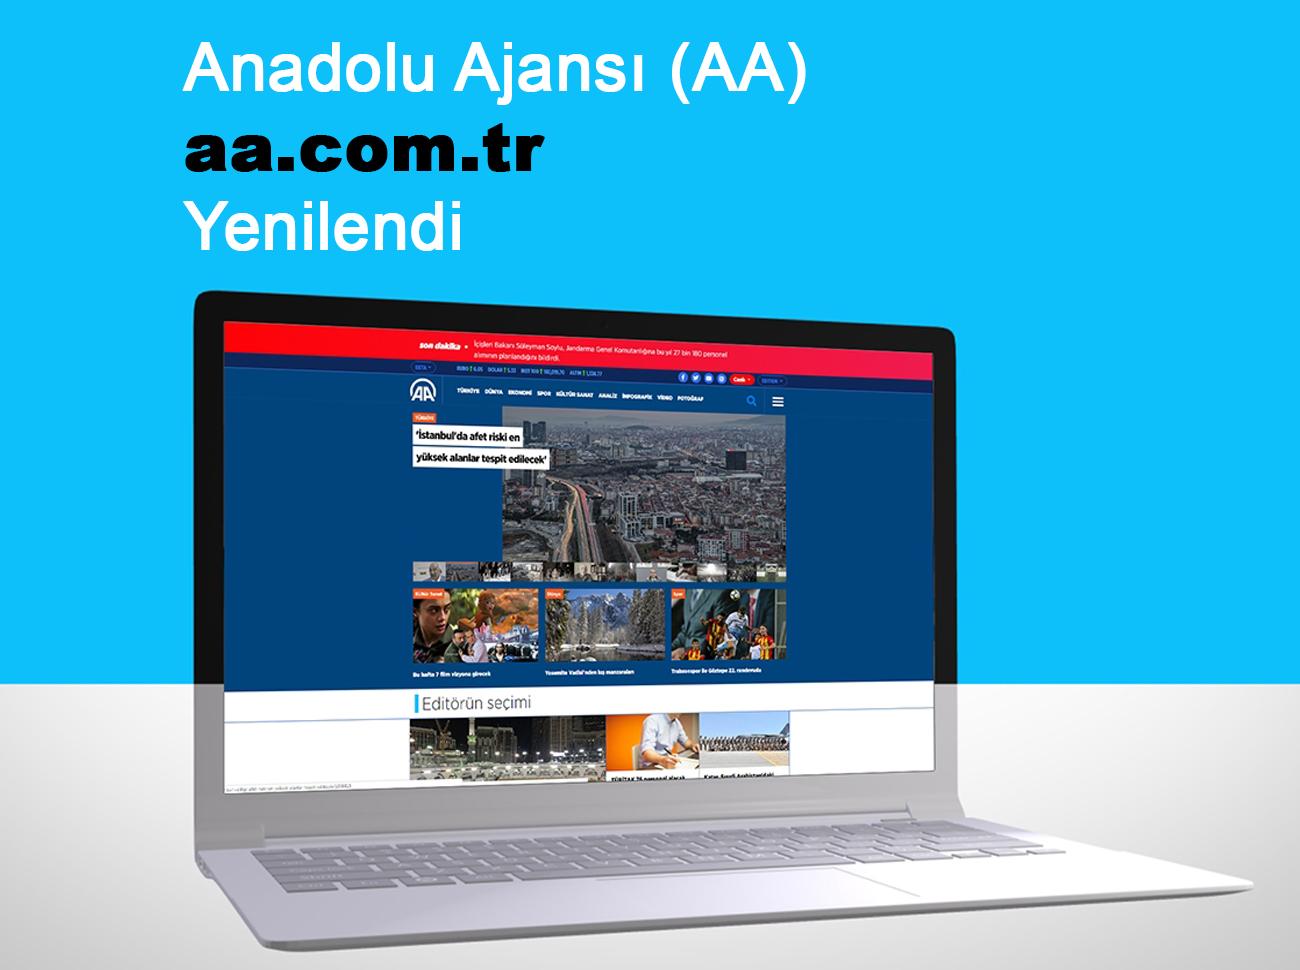 Anadolu Ajansı İnternet Sitesi Yenilendi